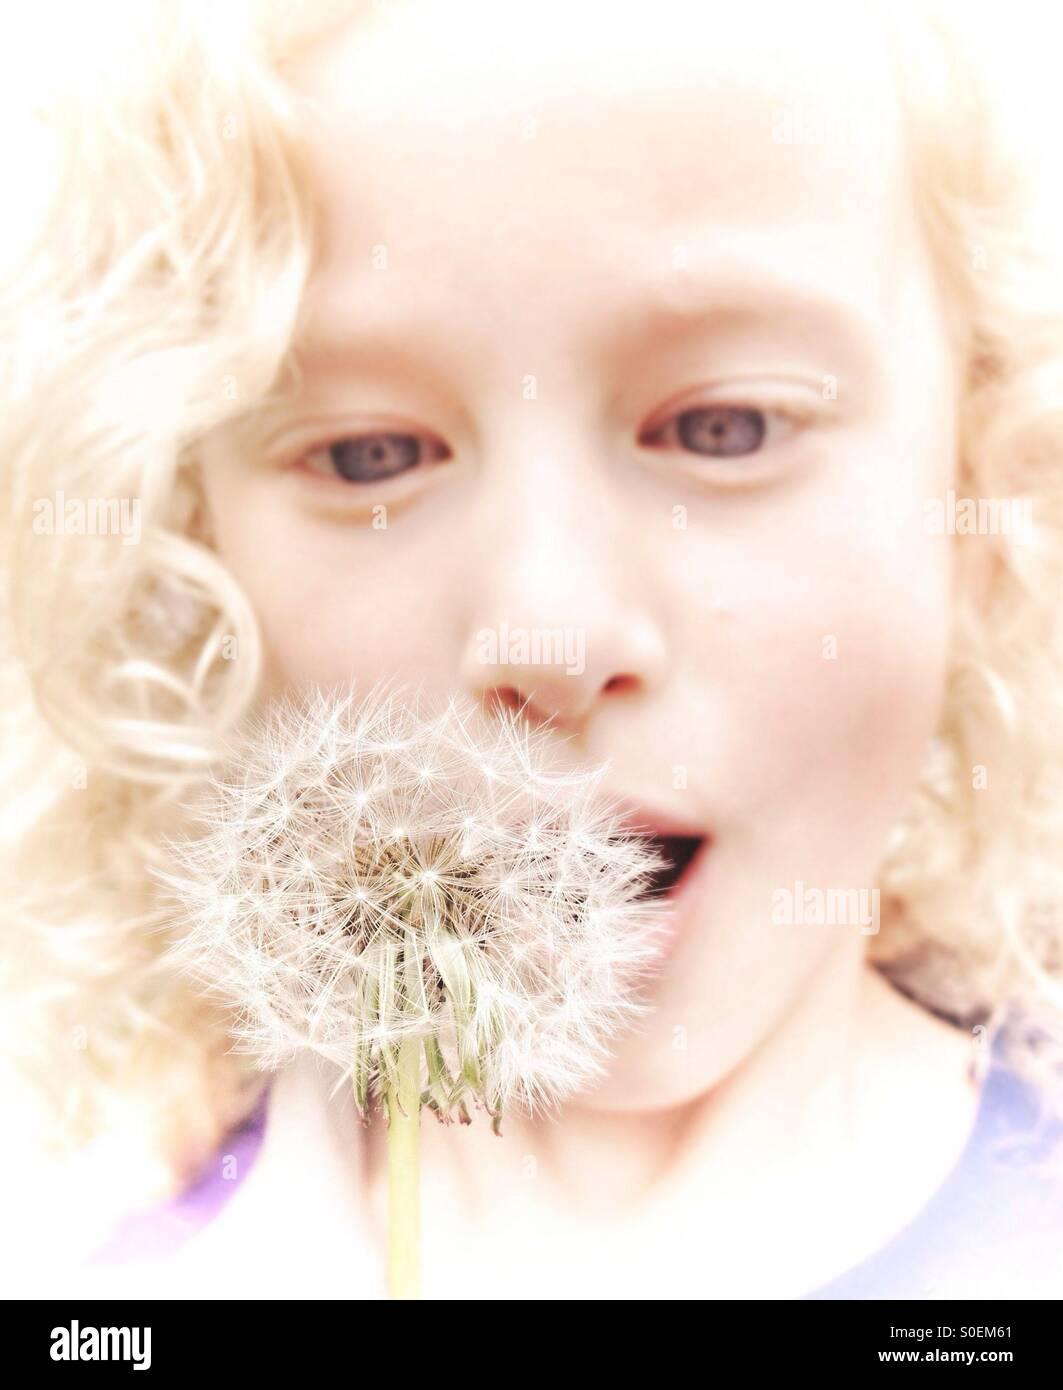 Giovane ragazza che soffia sul tarassaco seme head Immagini Stock